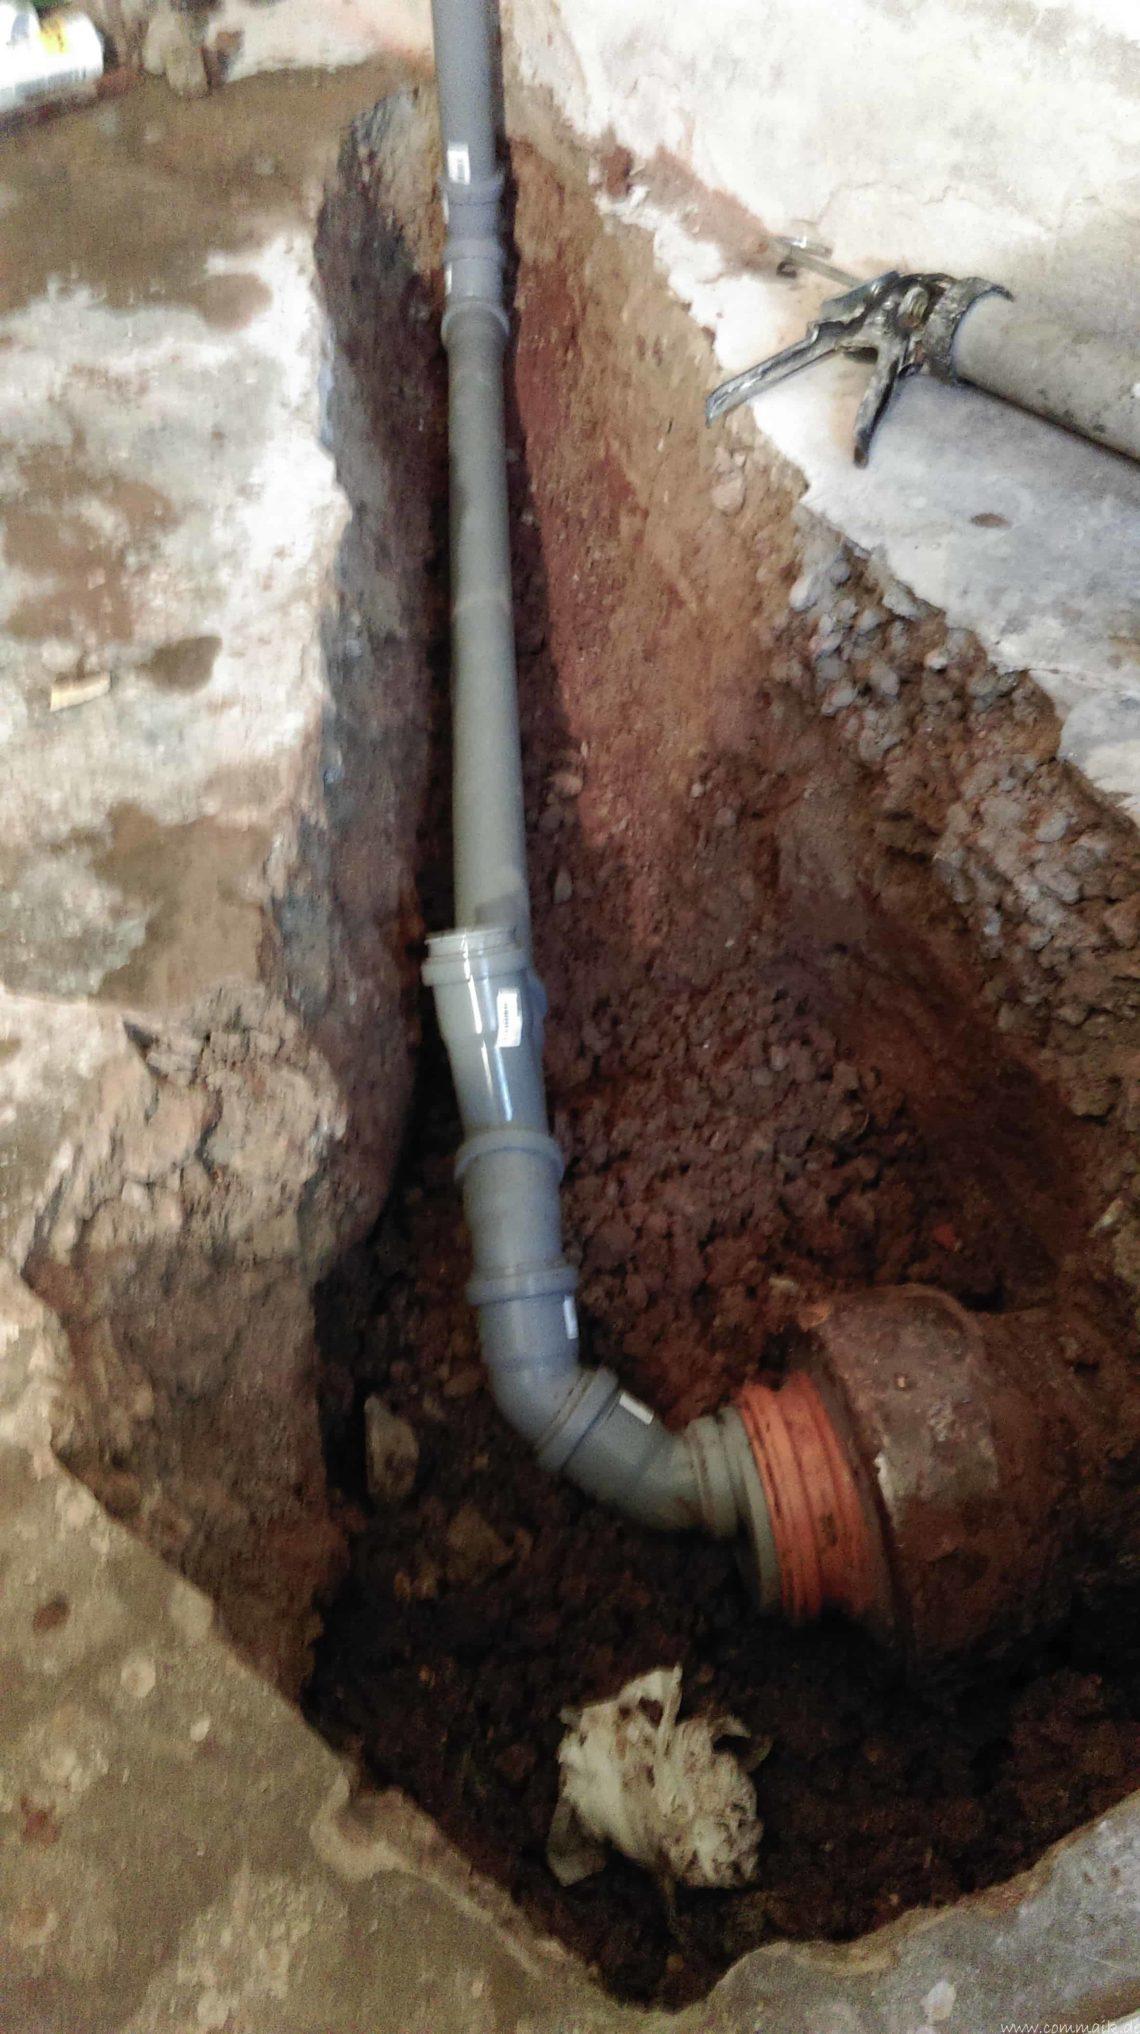 ht rohr in tonrohr einbinden abfluss 8 - Ein neuer HT-Abfluss wird in das alte Tonrohr eingebunden